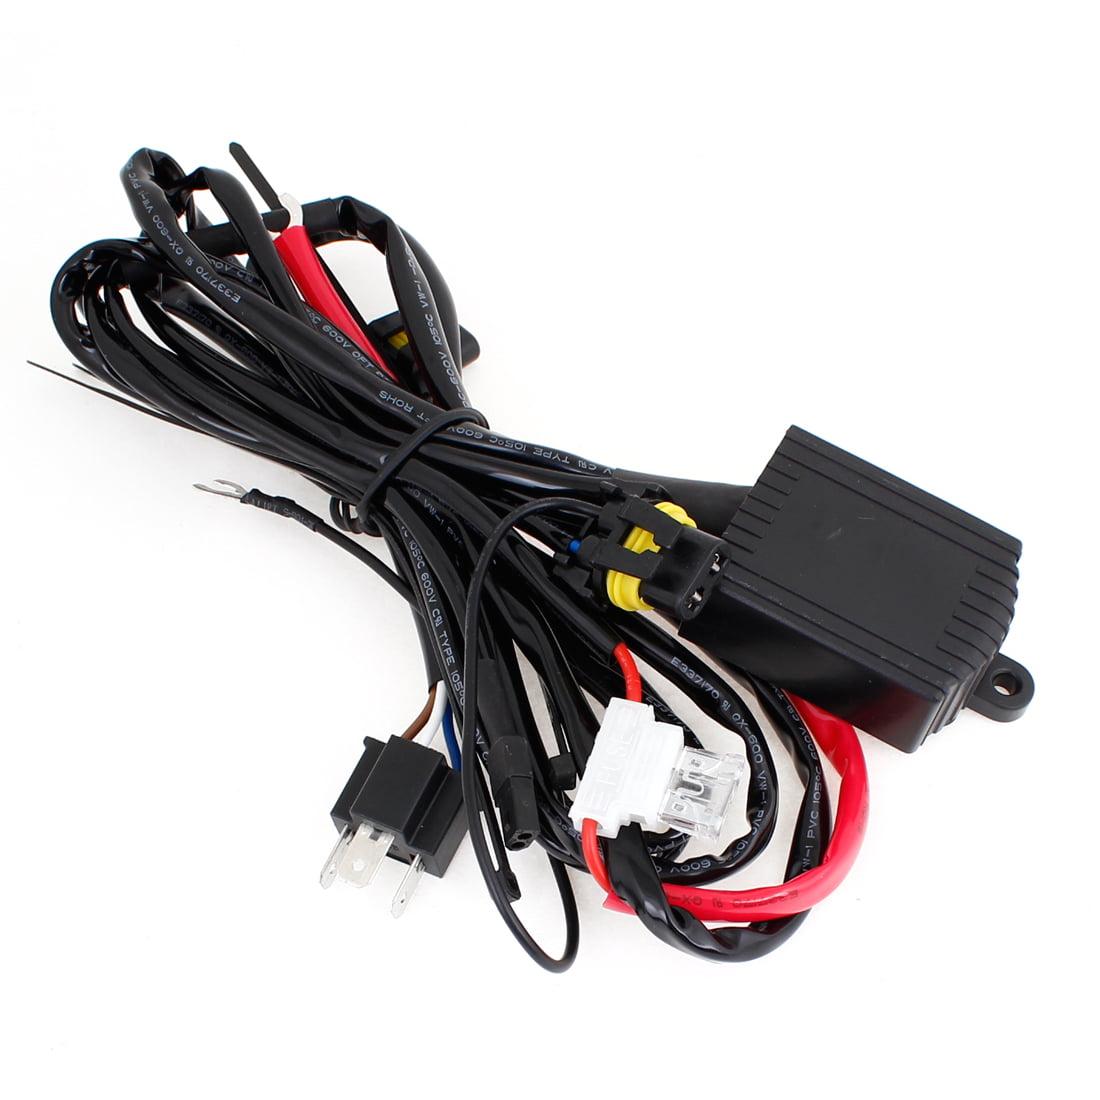 Unique Bargains Automobile Car H4 Hi Lo Bi Xenon Light Wiring Harness Controller Fuse Relay